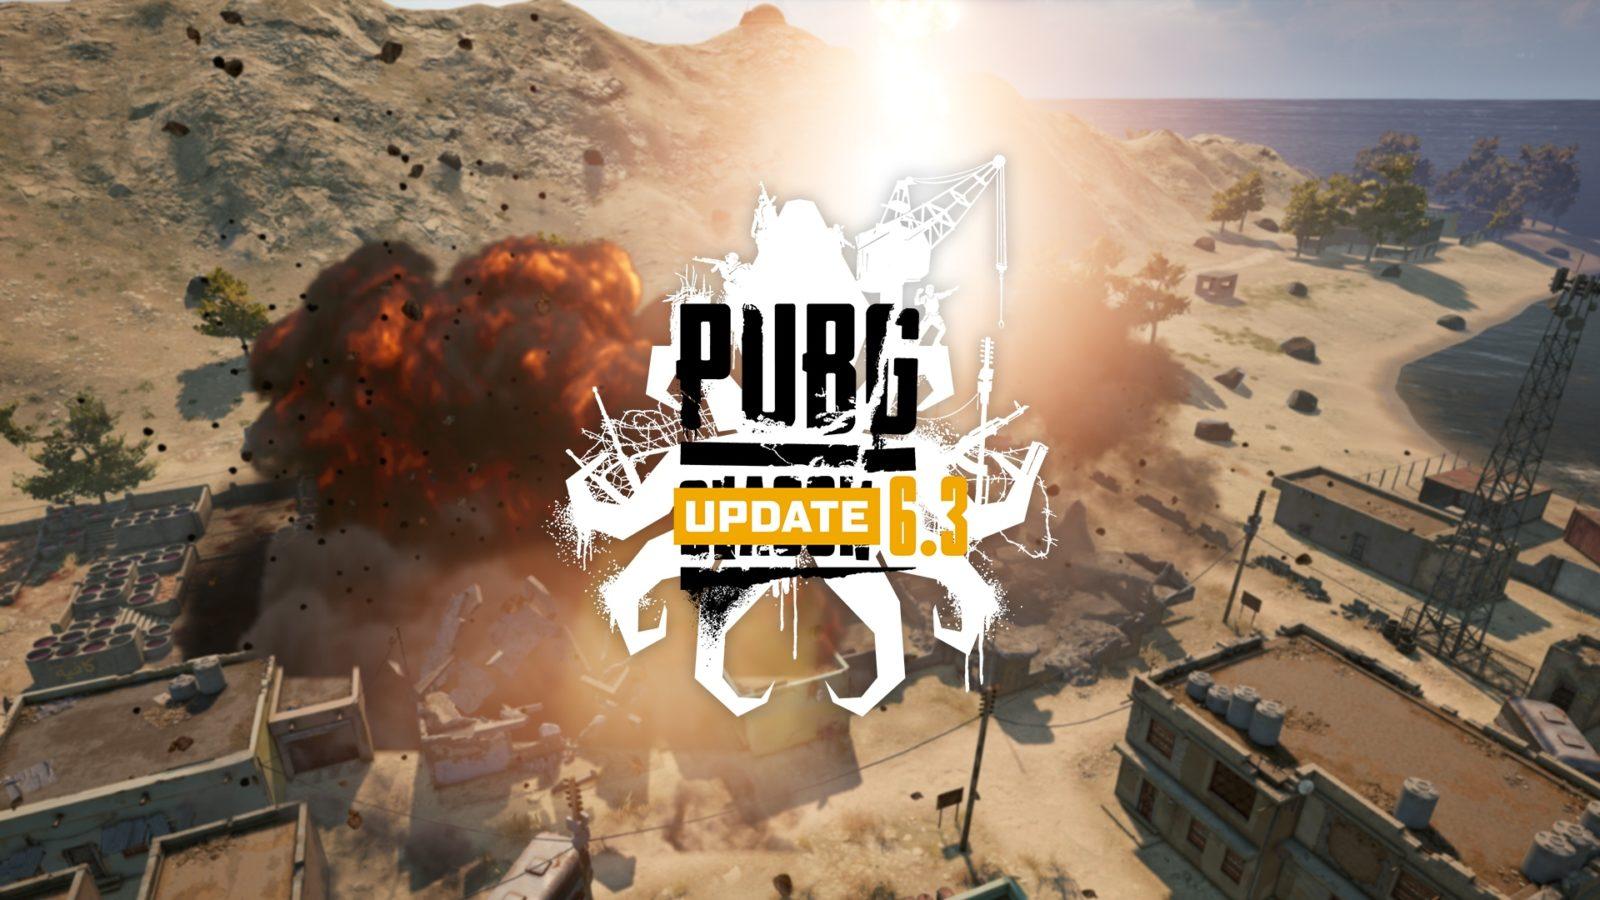 Обновление 6.3 PUBG — уже на тестовом сервере — Панцерфауст, обновление баланса оружия и улучшенный комфорт игры